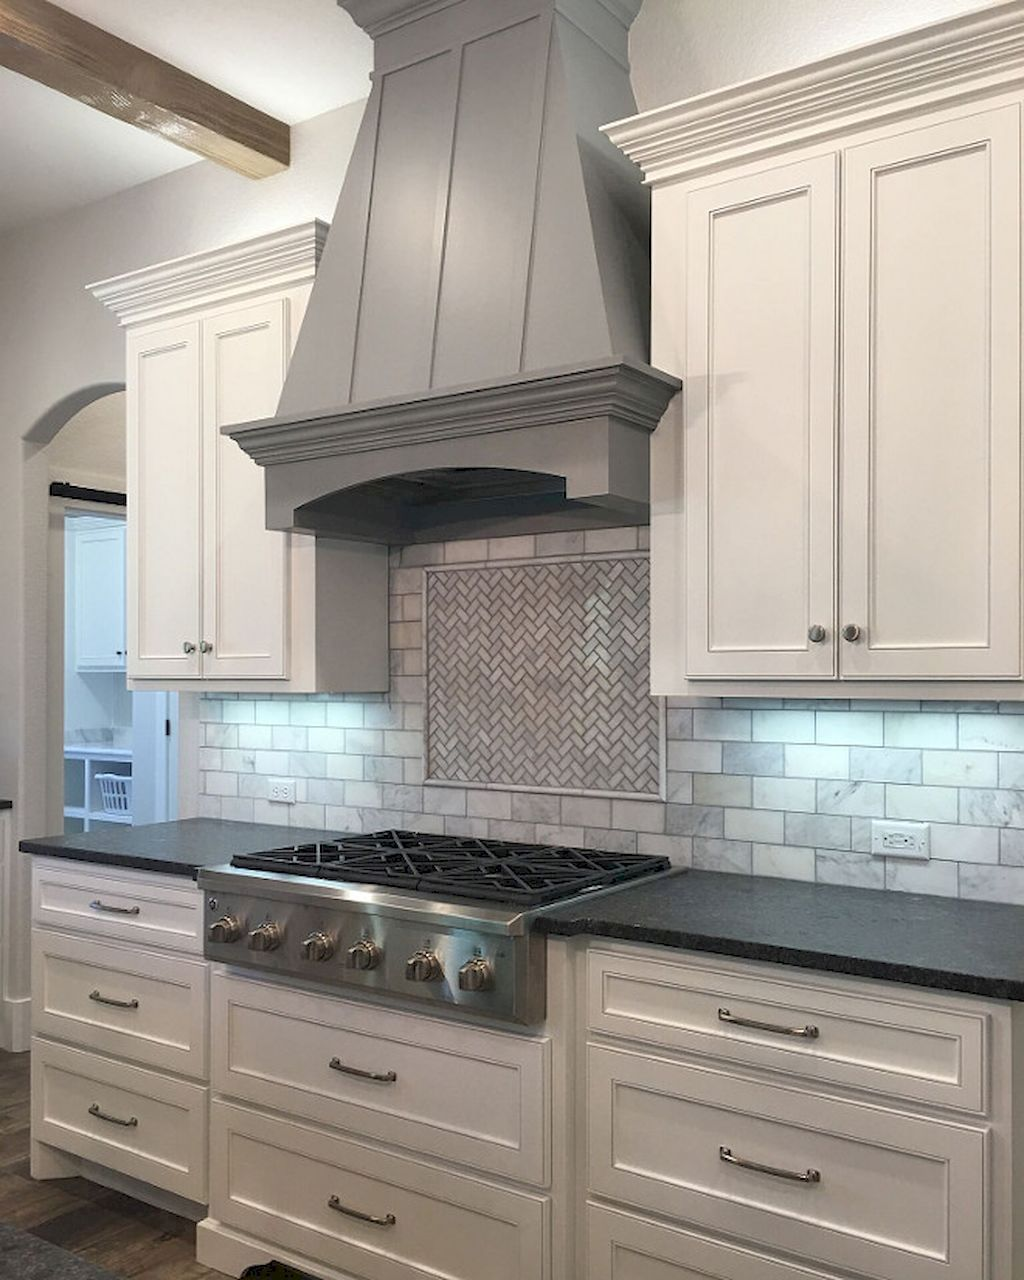 Best Kitchen Backsplash I Ve Ever Seen Just Love The Picture